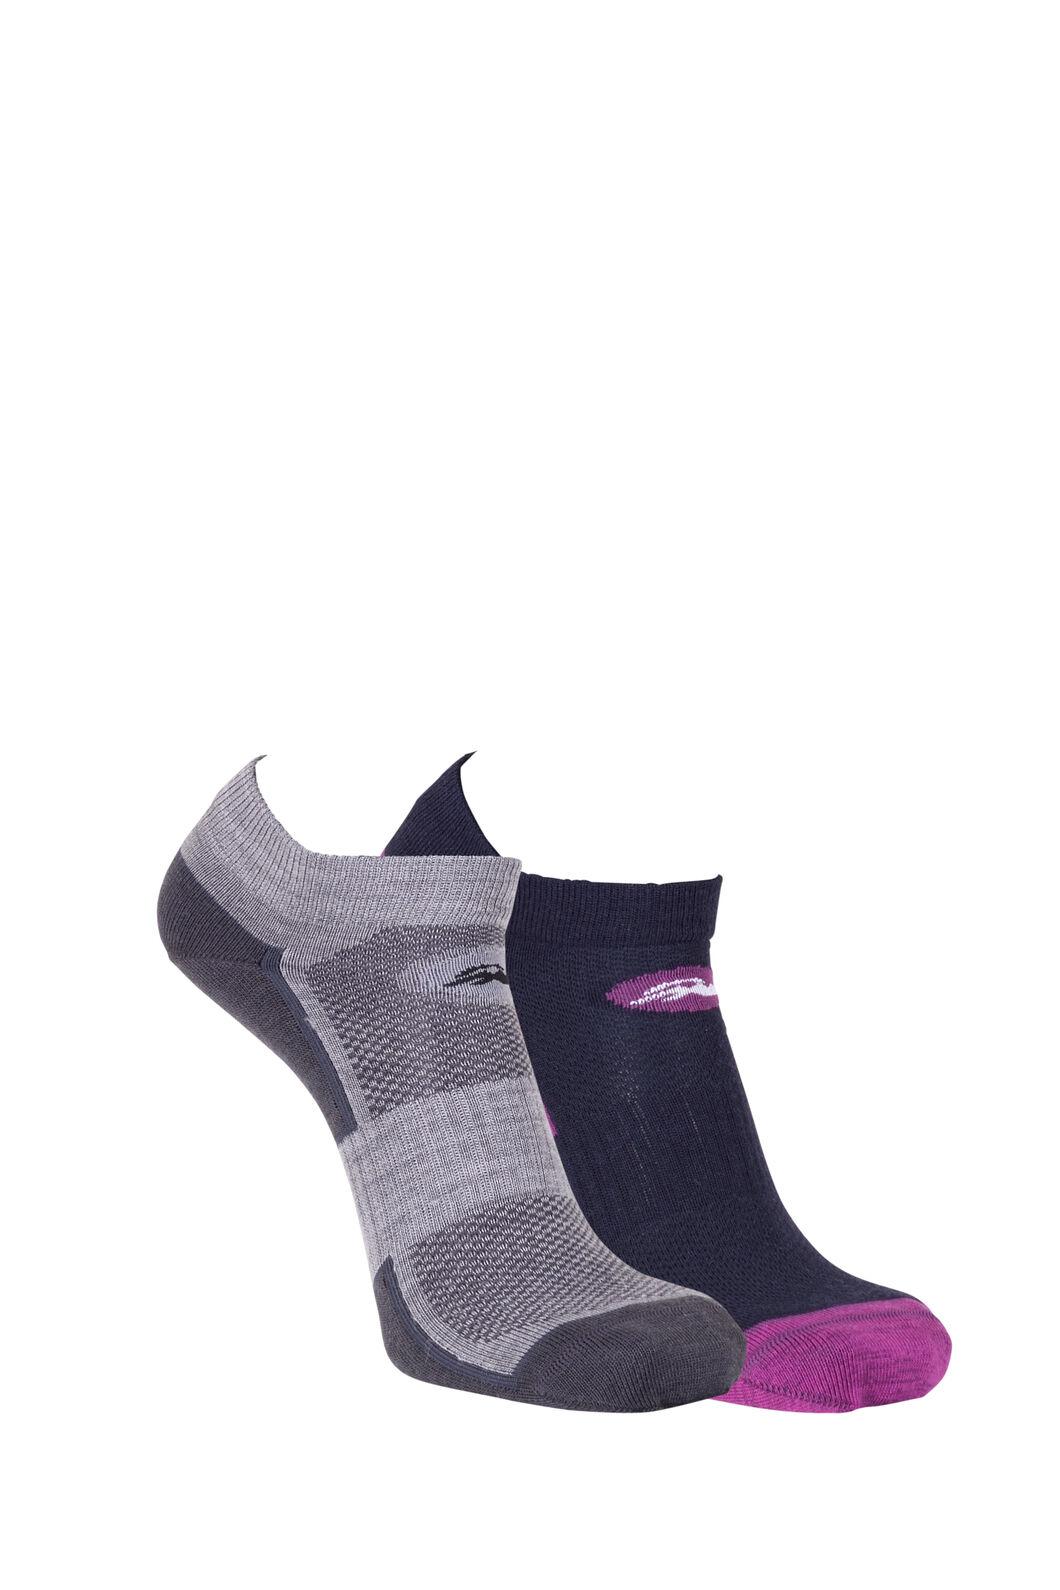 Macpac Merino Blend Anklet Sock (2 Pack), Grey Marle/Purple, hi-res